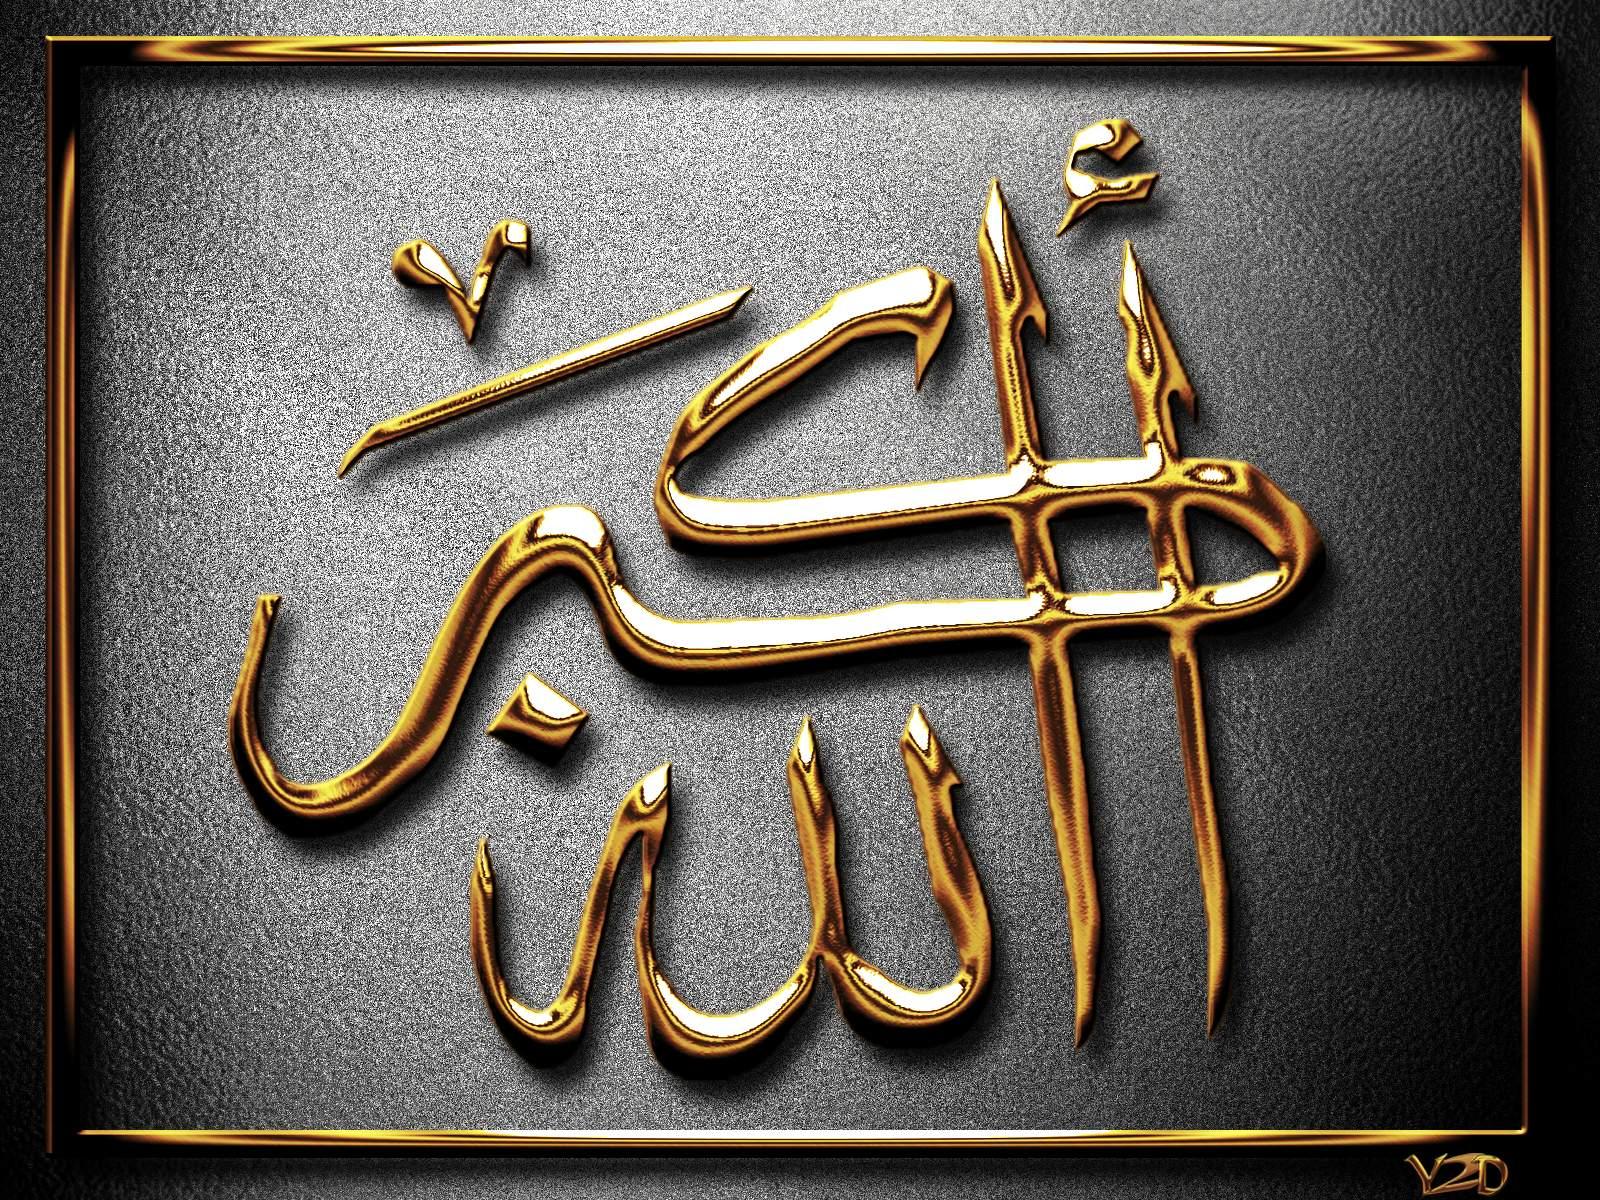 بالصور صور الله اكبر , بوستات دينية لكلمات توحيد للفظ الجلاله 2189